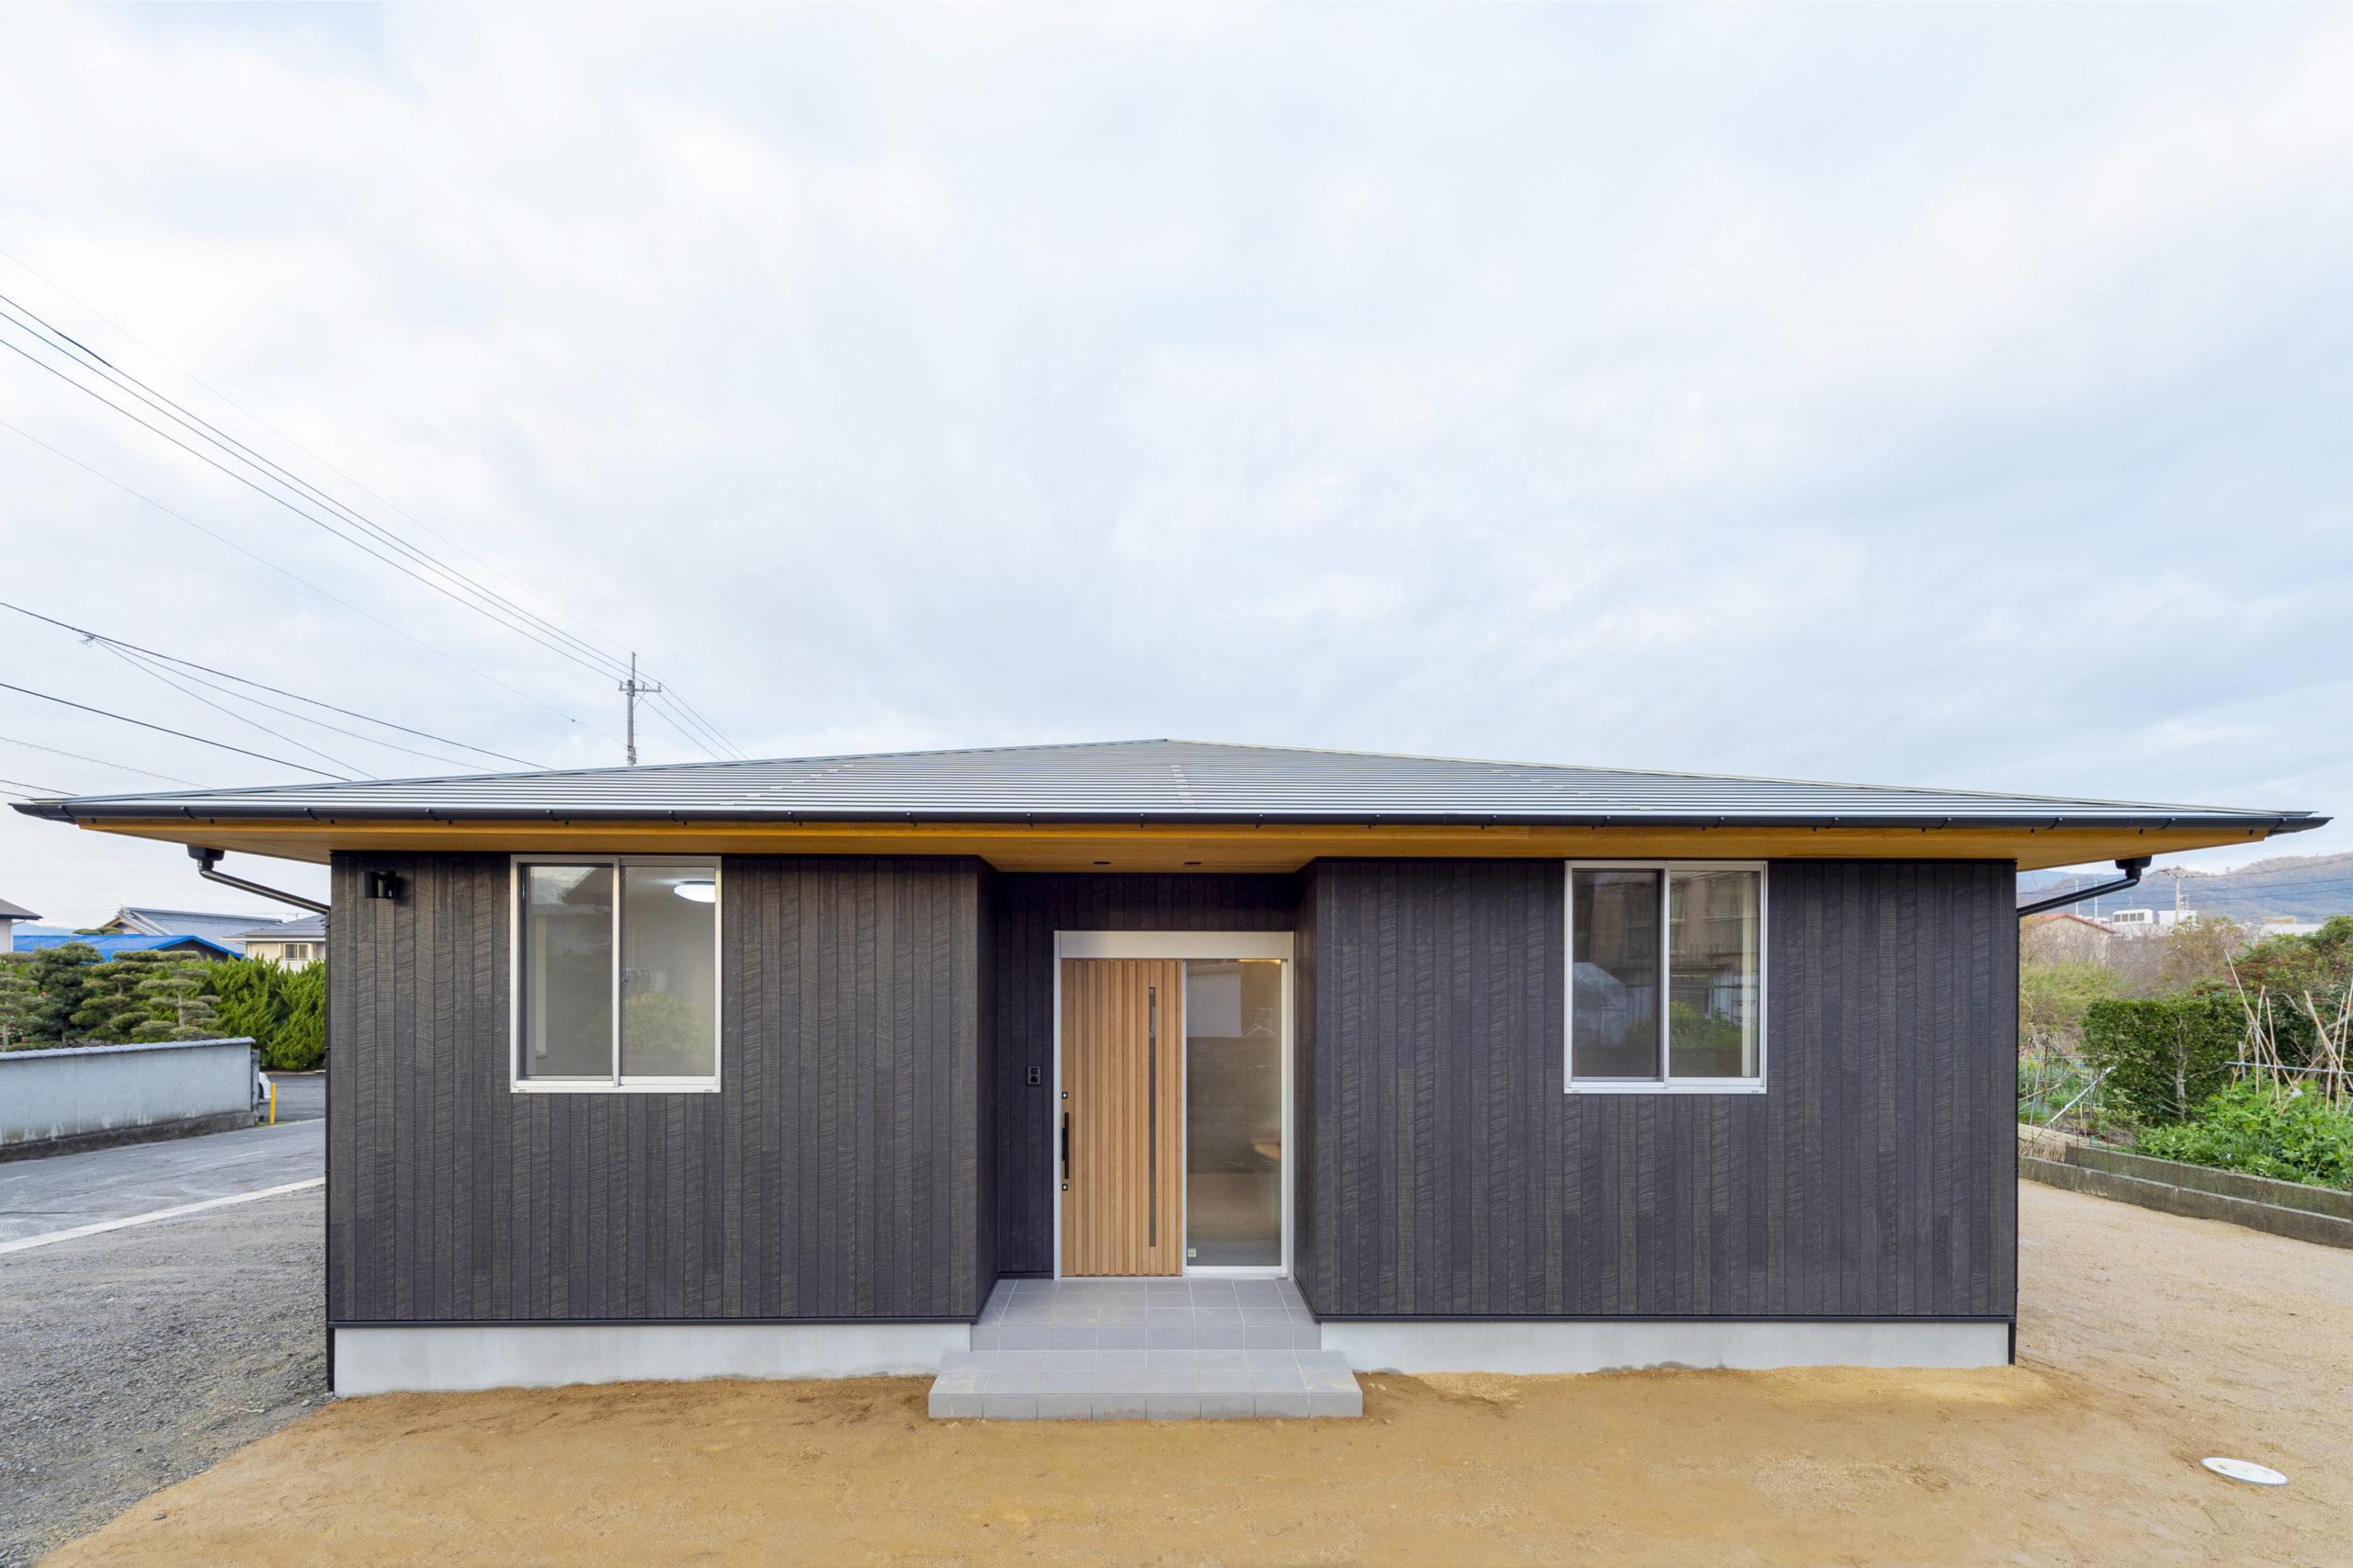 女性建築家とつくるコンパクトな平屋